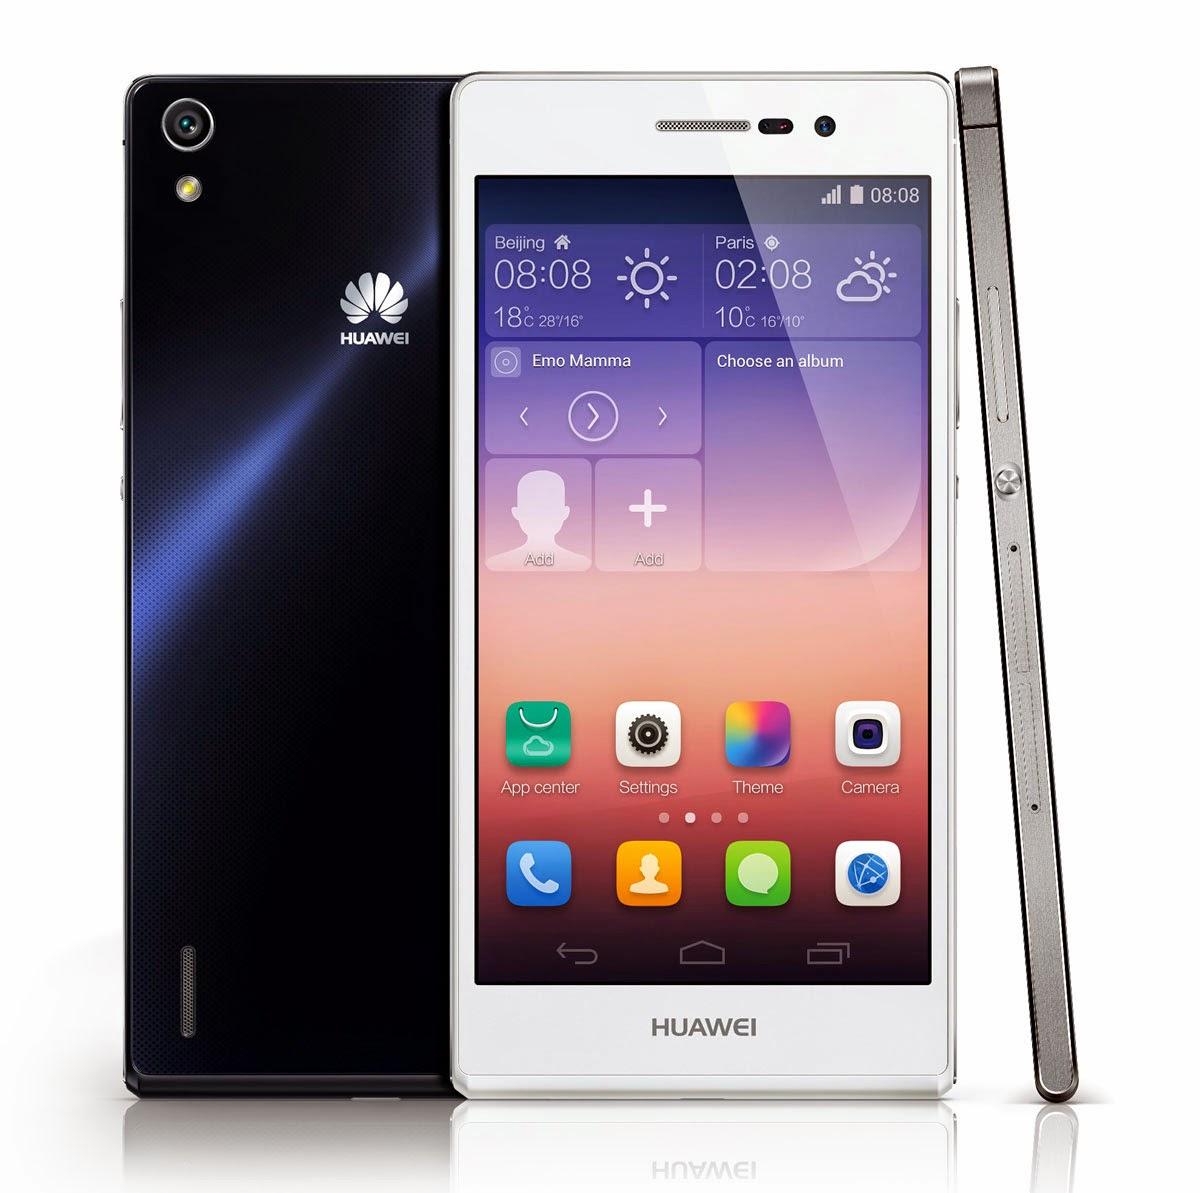 Especificaciones completas del Huawei Ascend P7. Móviles,teléfonos móviles, smartphones, Android, Huawei, GSM, HSDPA, LTE, características técnicas, manual del usuario, aplicaciones, imágenes, precio, información, datos, opiniones, crítica, comentarios